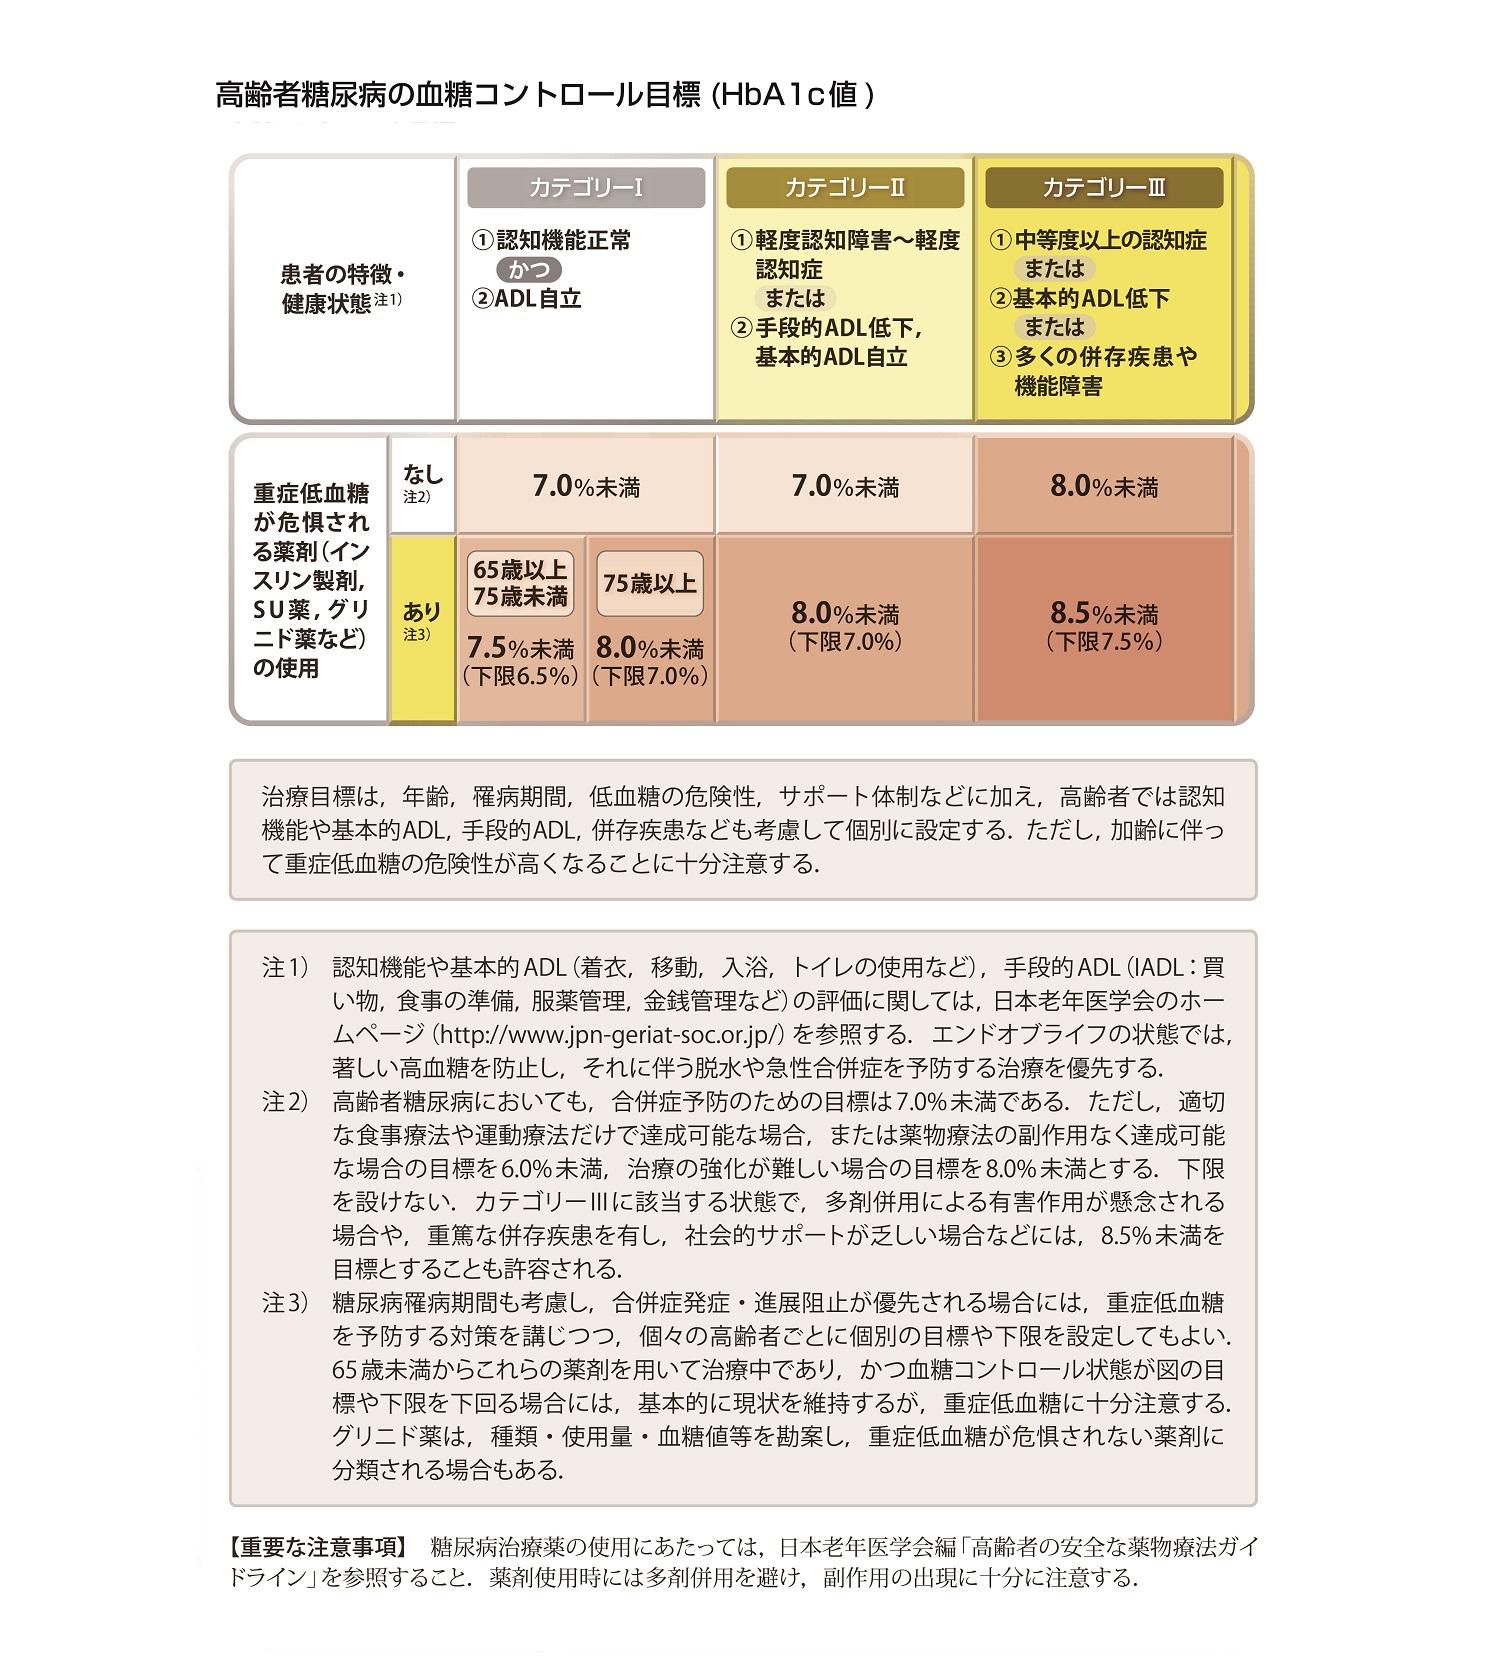 糖尿病治療ガイド2018-2019(抜粋)[8]